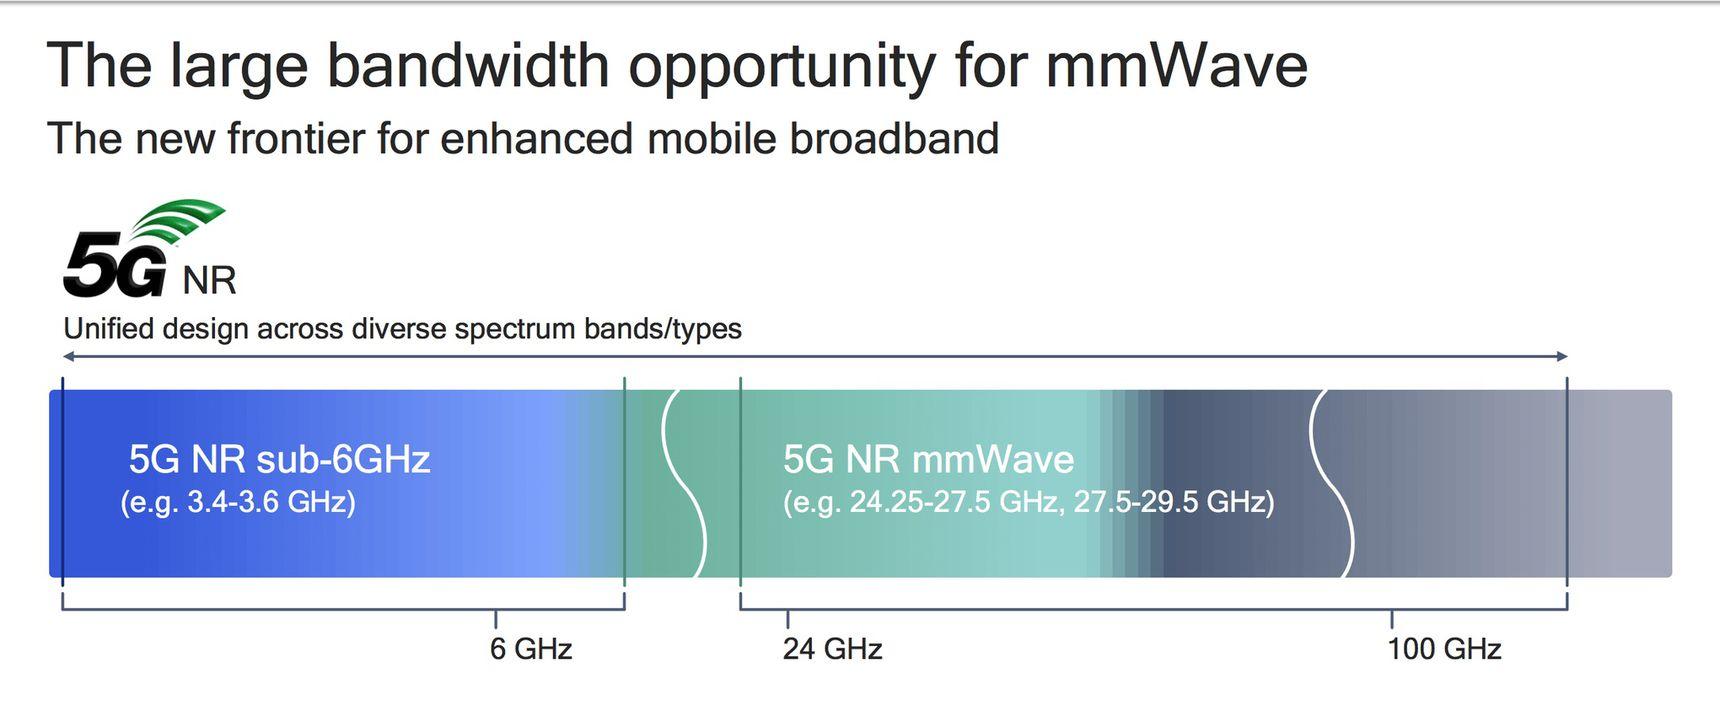 Thế hệ mạng 5G: những điều cơ bản mà anh em cần biết - 3